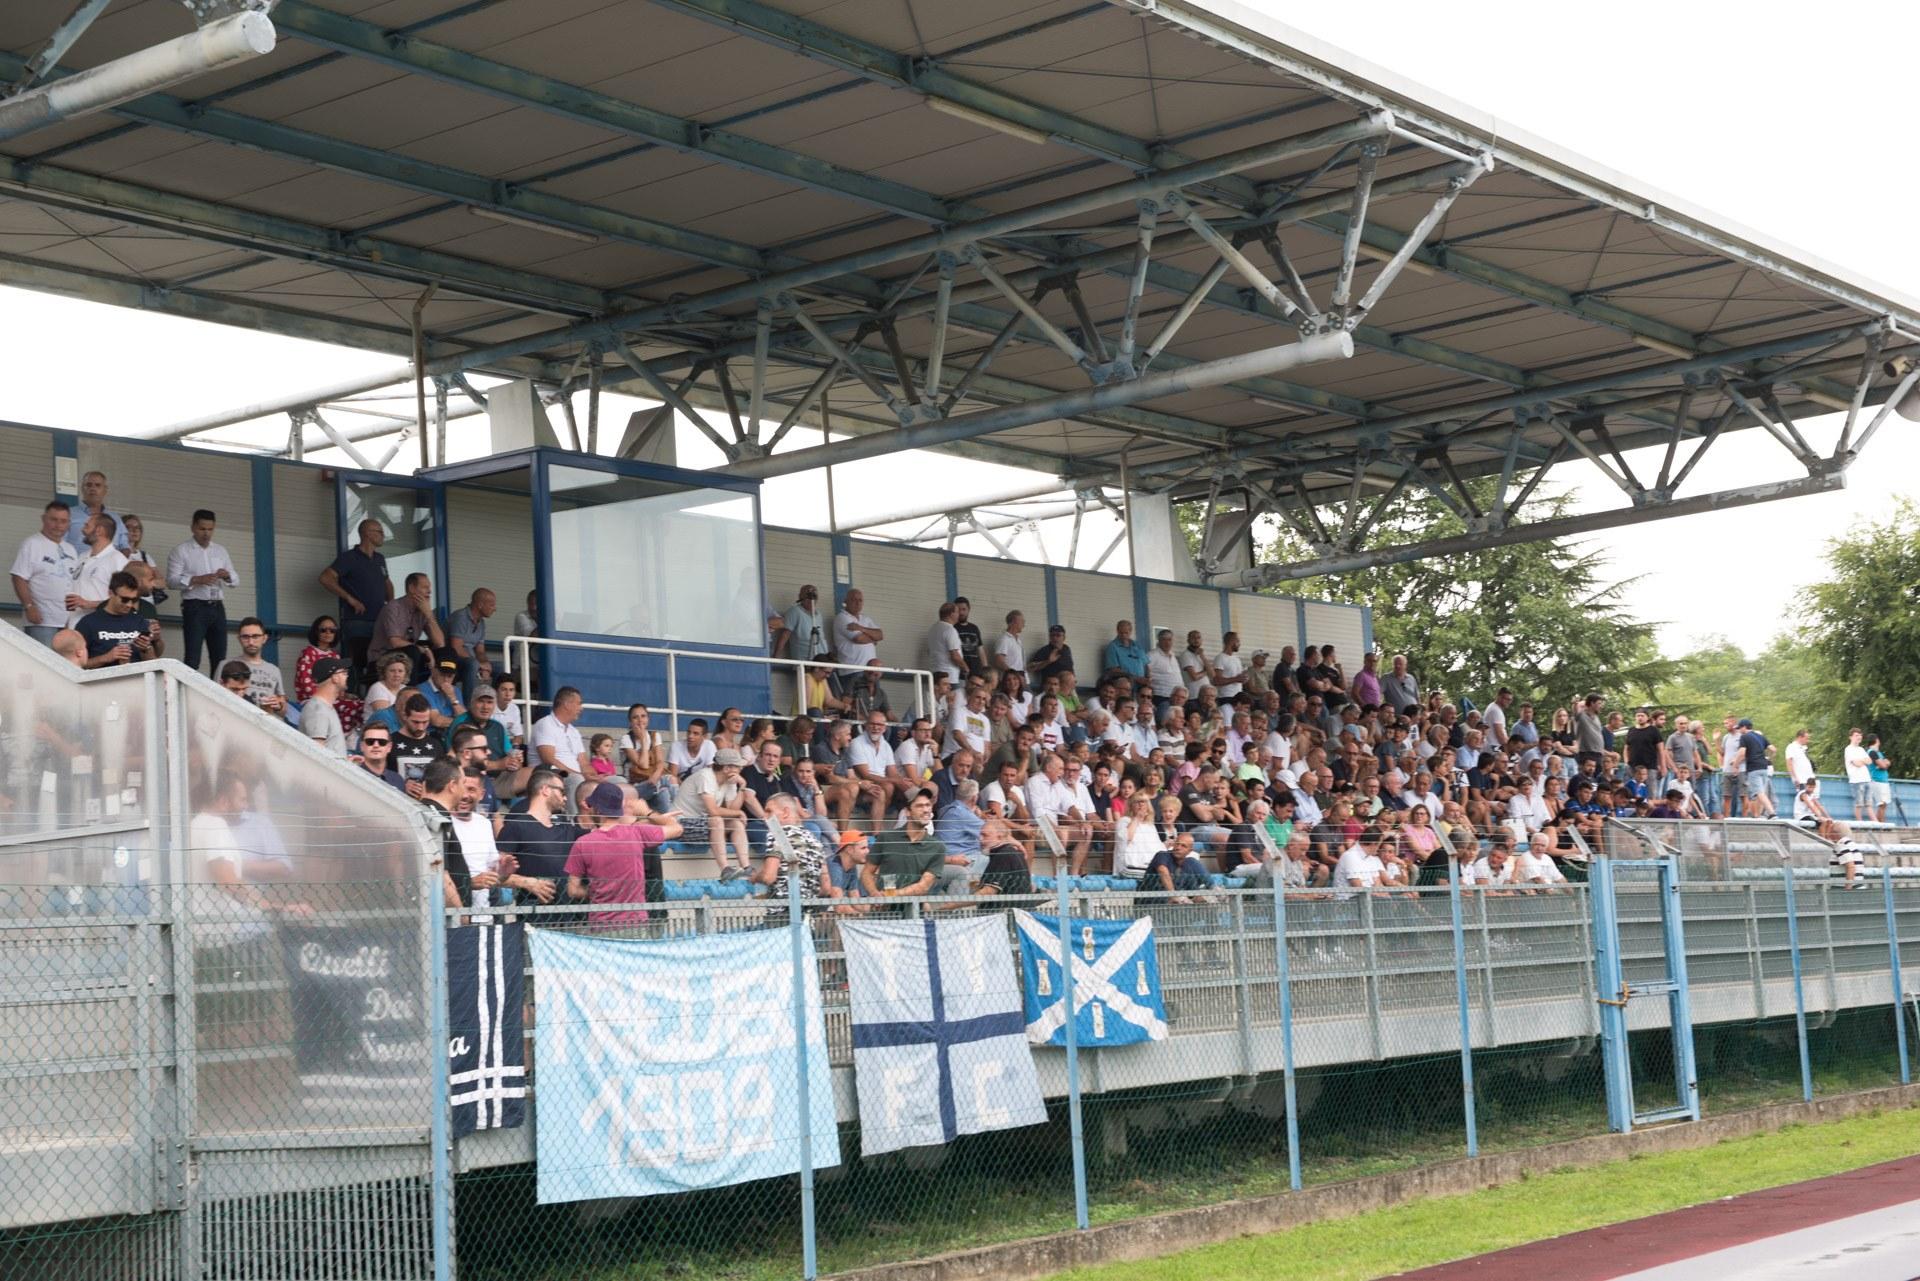 La tribuna dello stadio Righetto di Quinto di Treviso durante l'amichevole con la Sampdoria Primavera (foto FotoStampa Bruno De Martin)